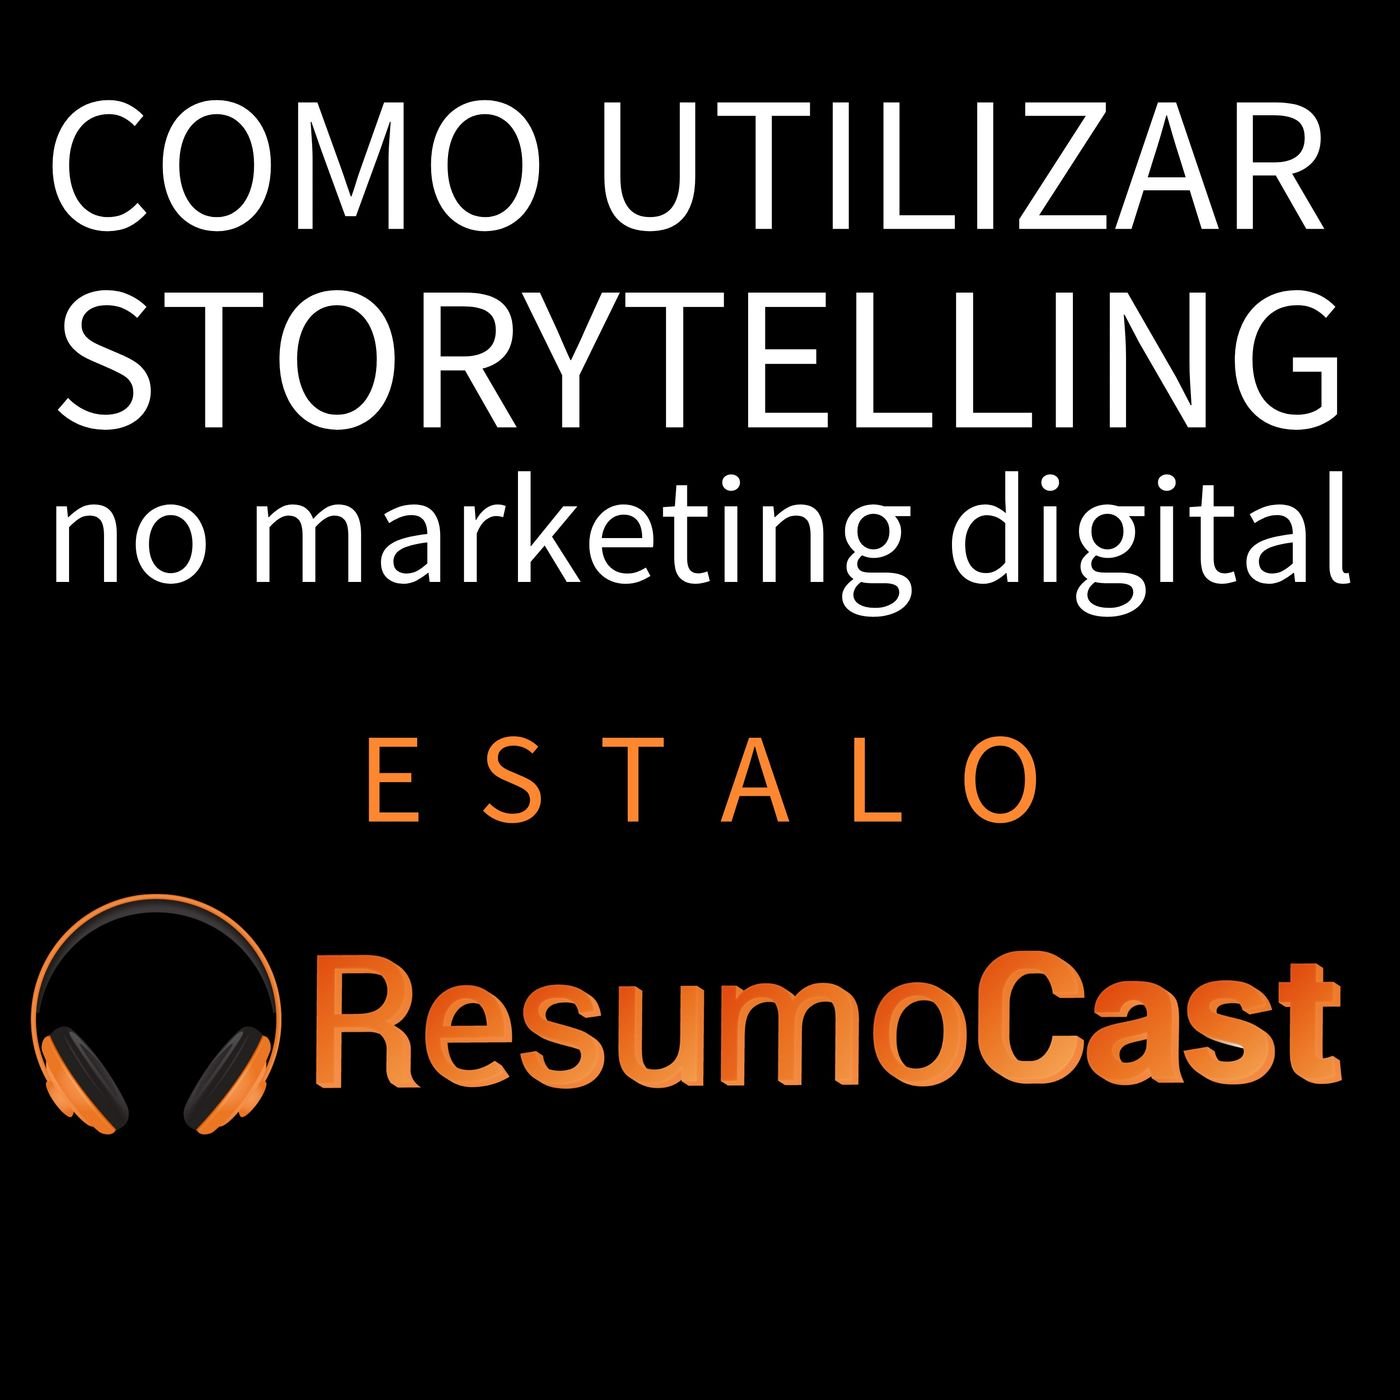 ESTALO   Como utilizar o storytelling no marketing digital?